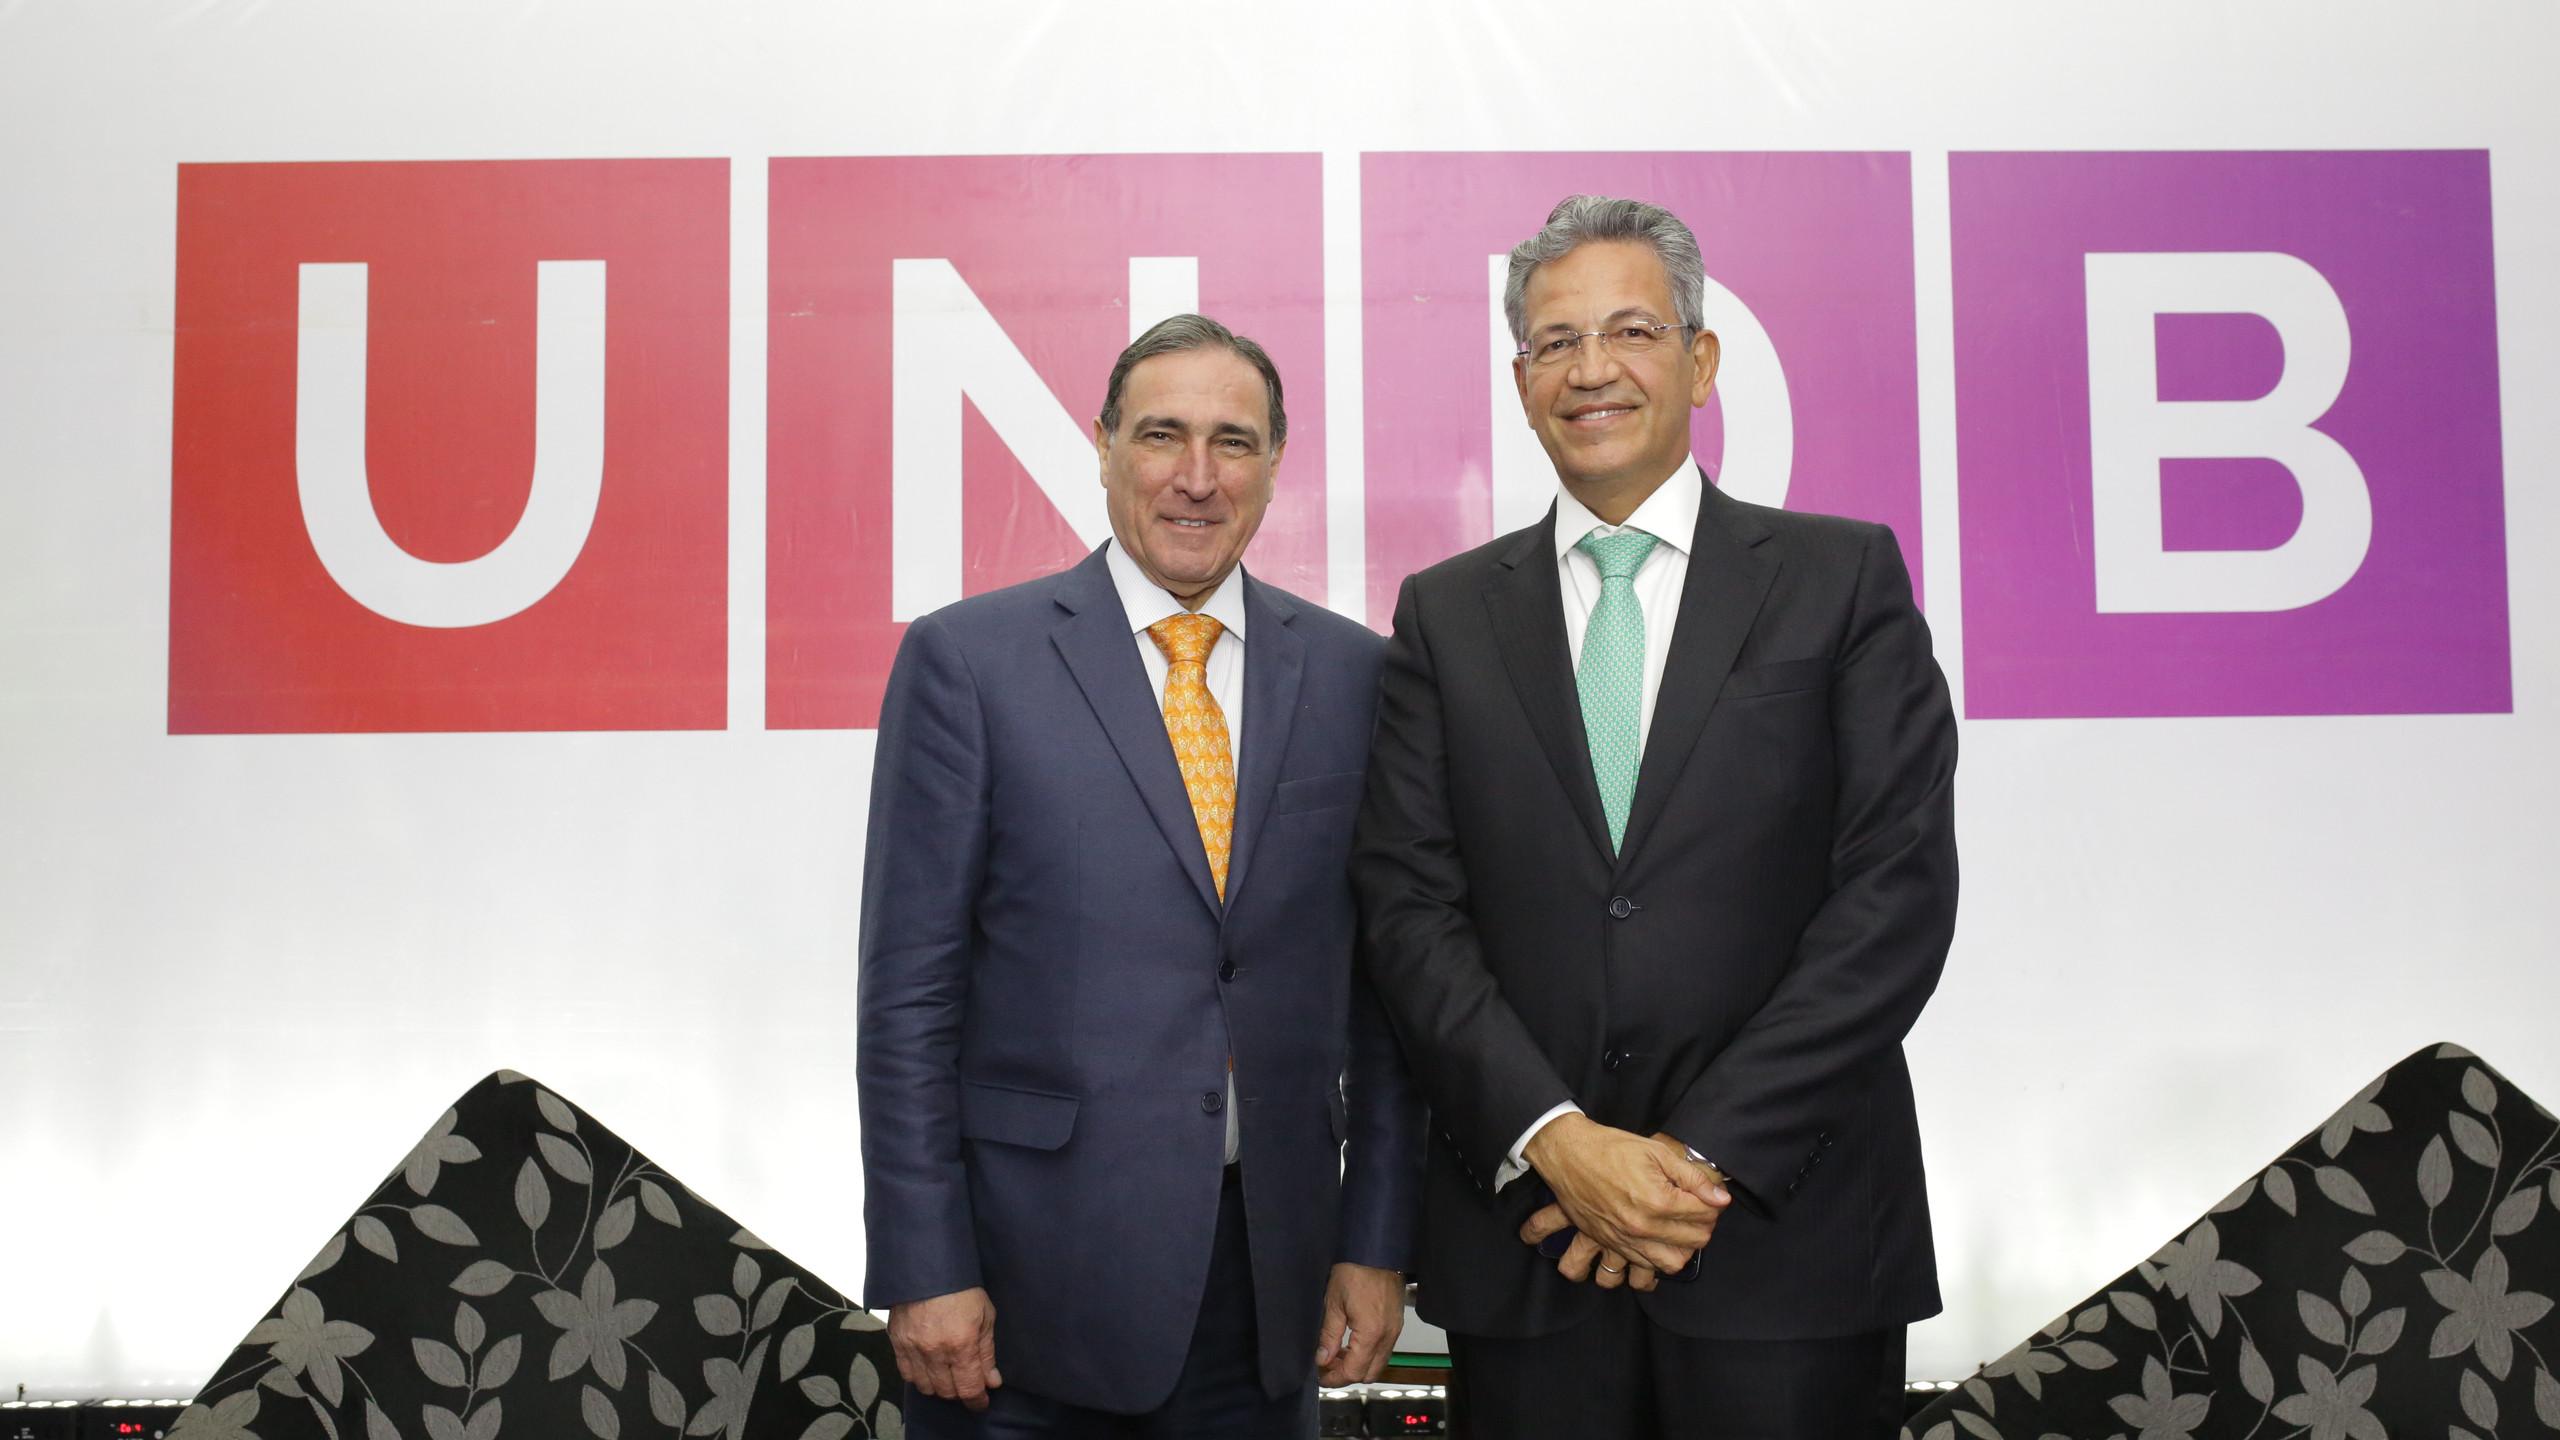 Os Ministros do STJ Paulo Moura Ribeiro e Mauro Campbell Marques, conferencistas que encerraram a XV Jornada Jurídica da UNDB.